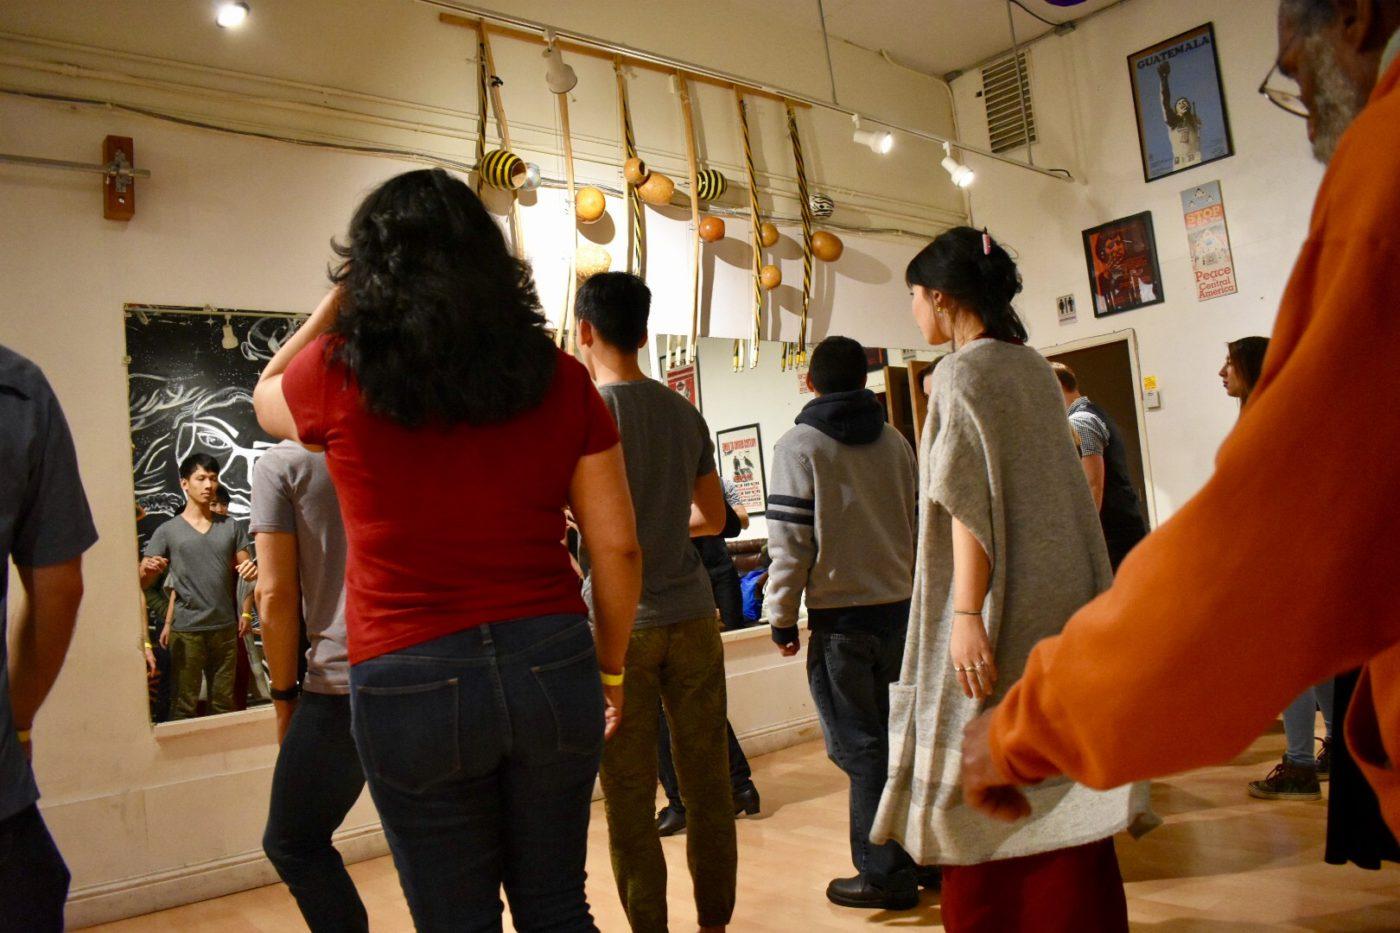 Beginners-Intermediate Salsa Dancing Lessons - La Peña